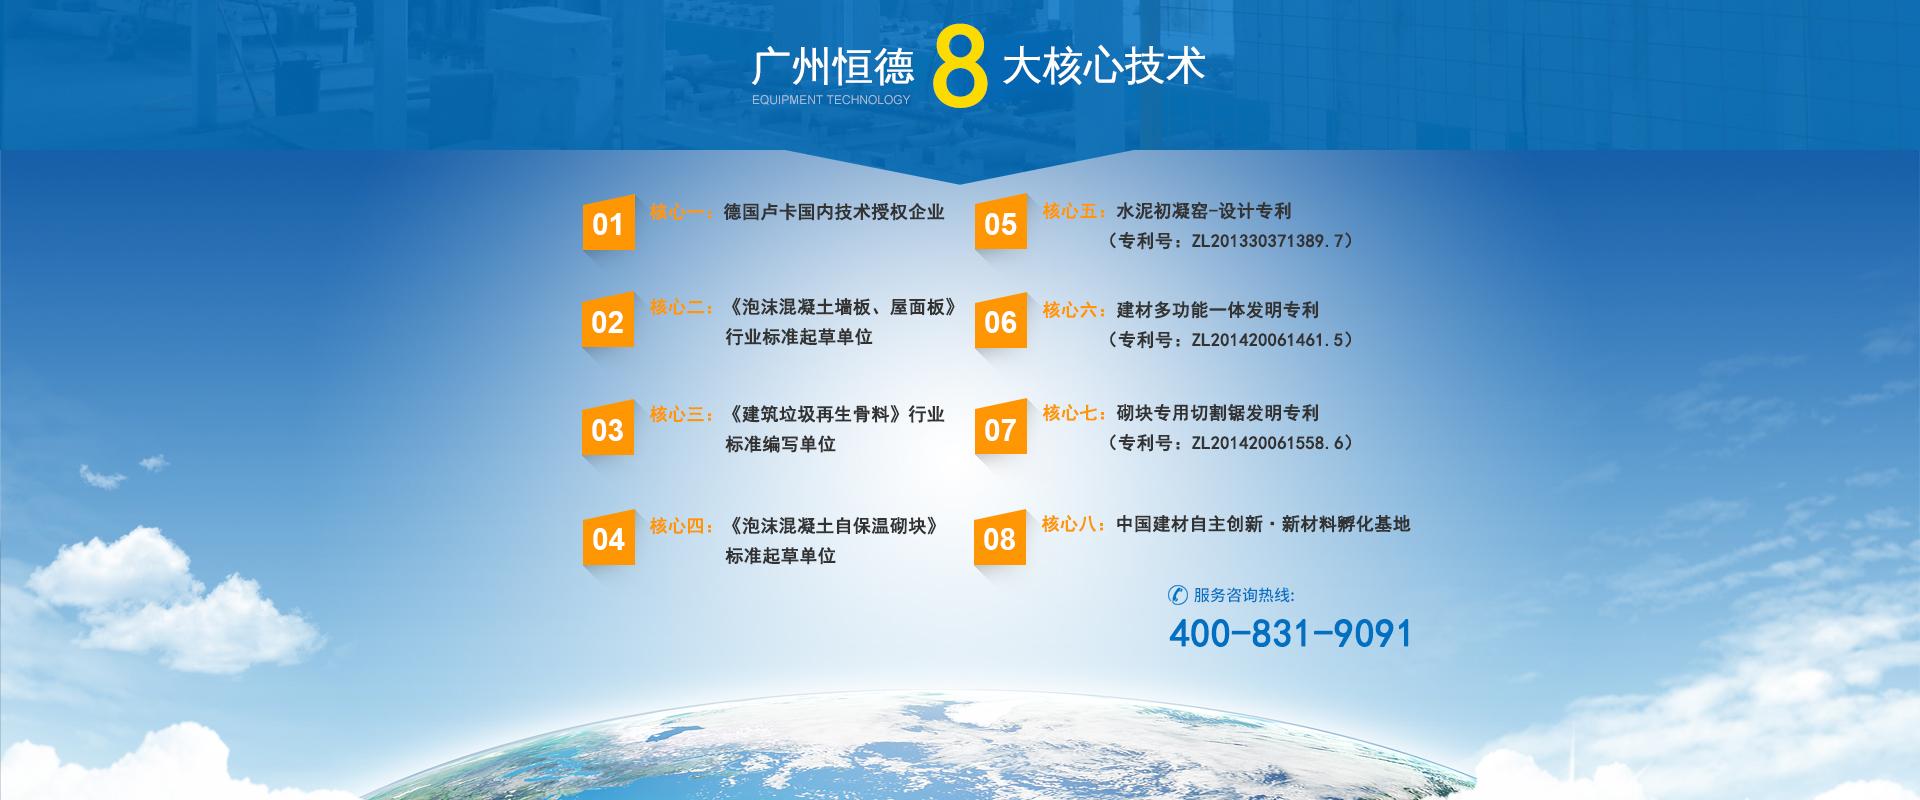 广州恒德设备的7大核心技术